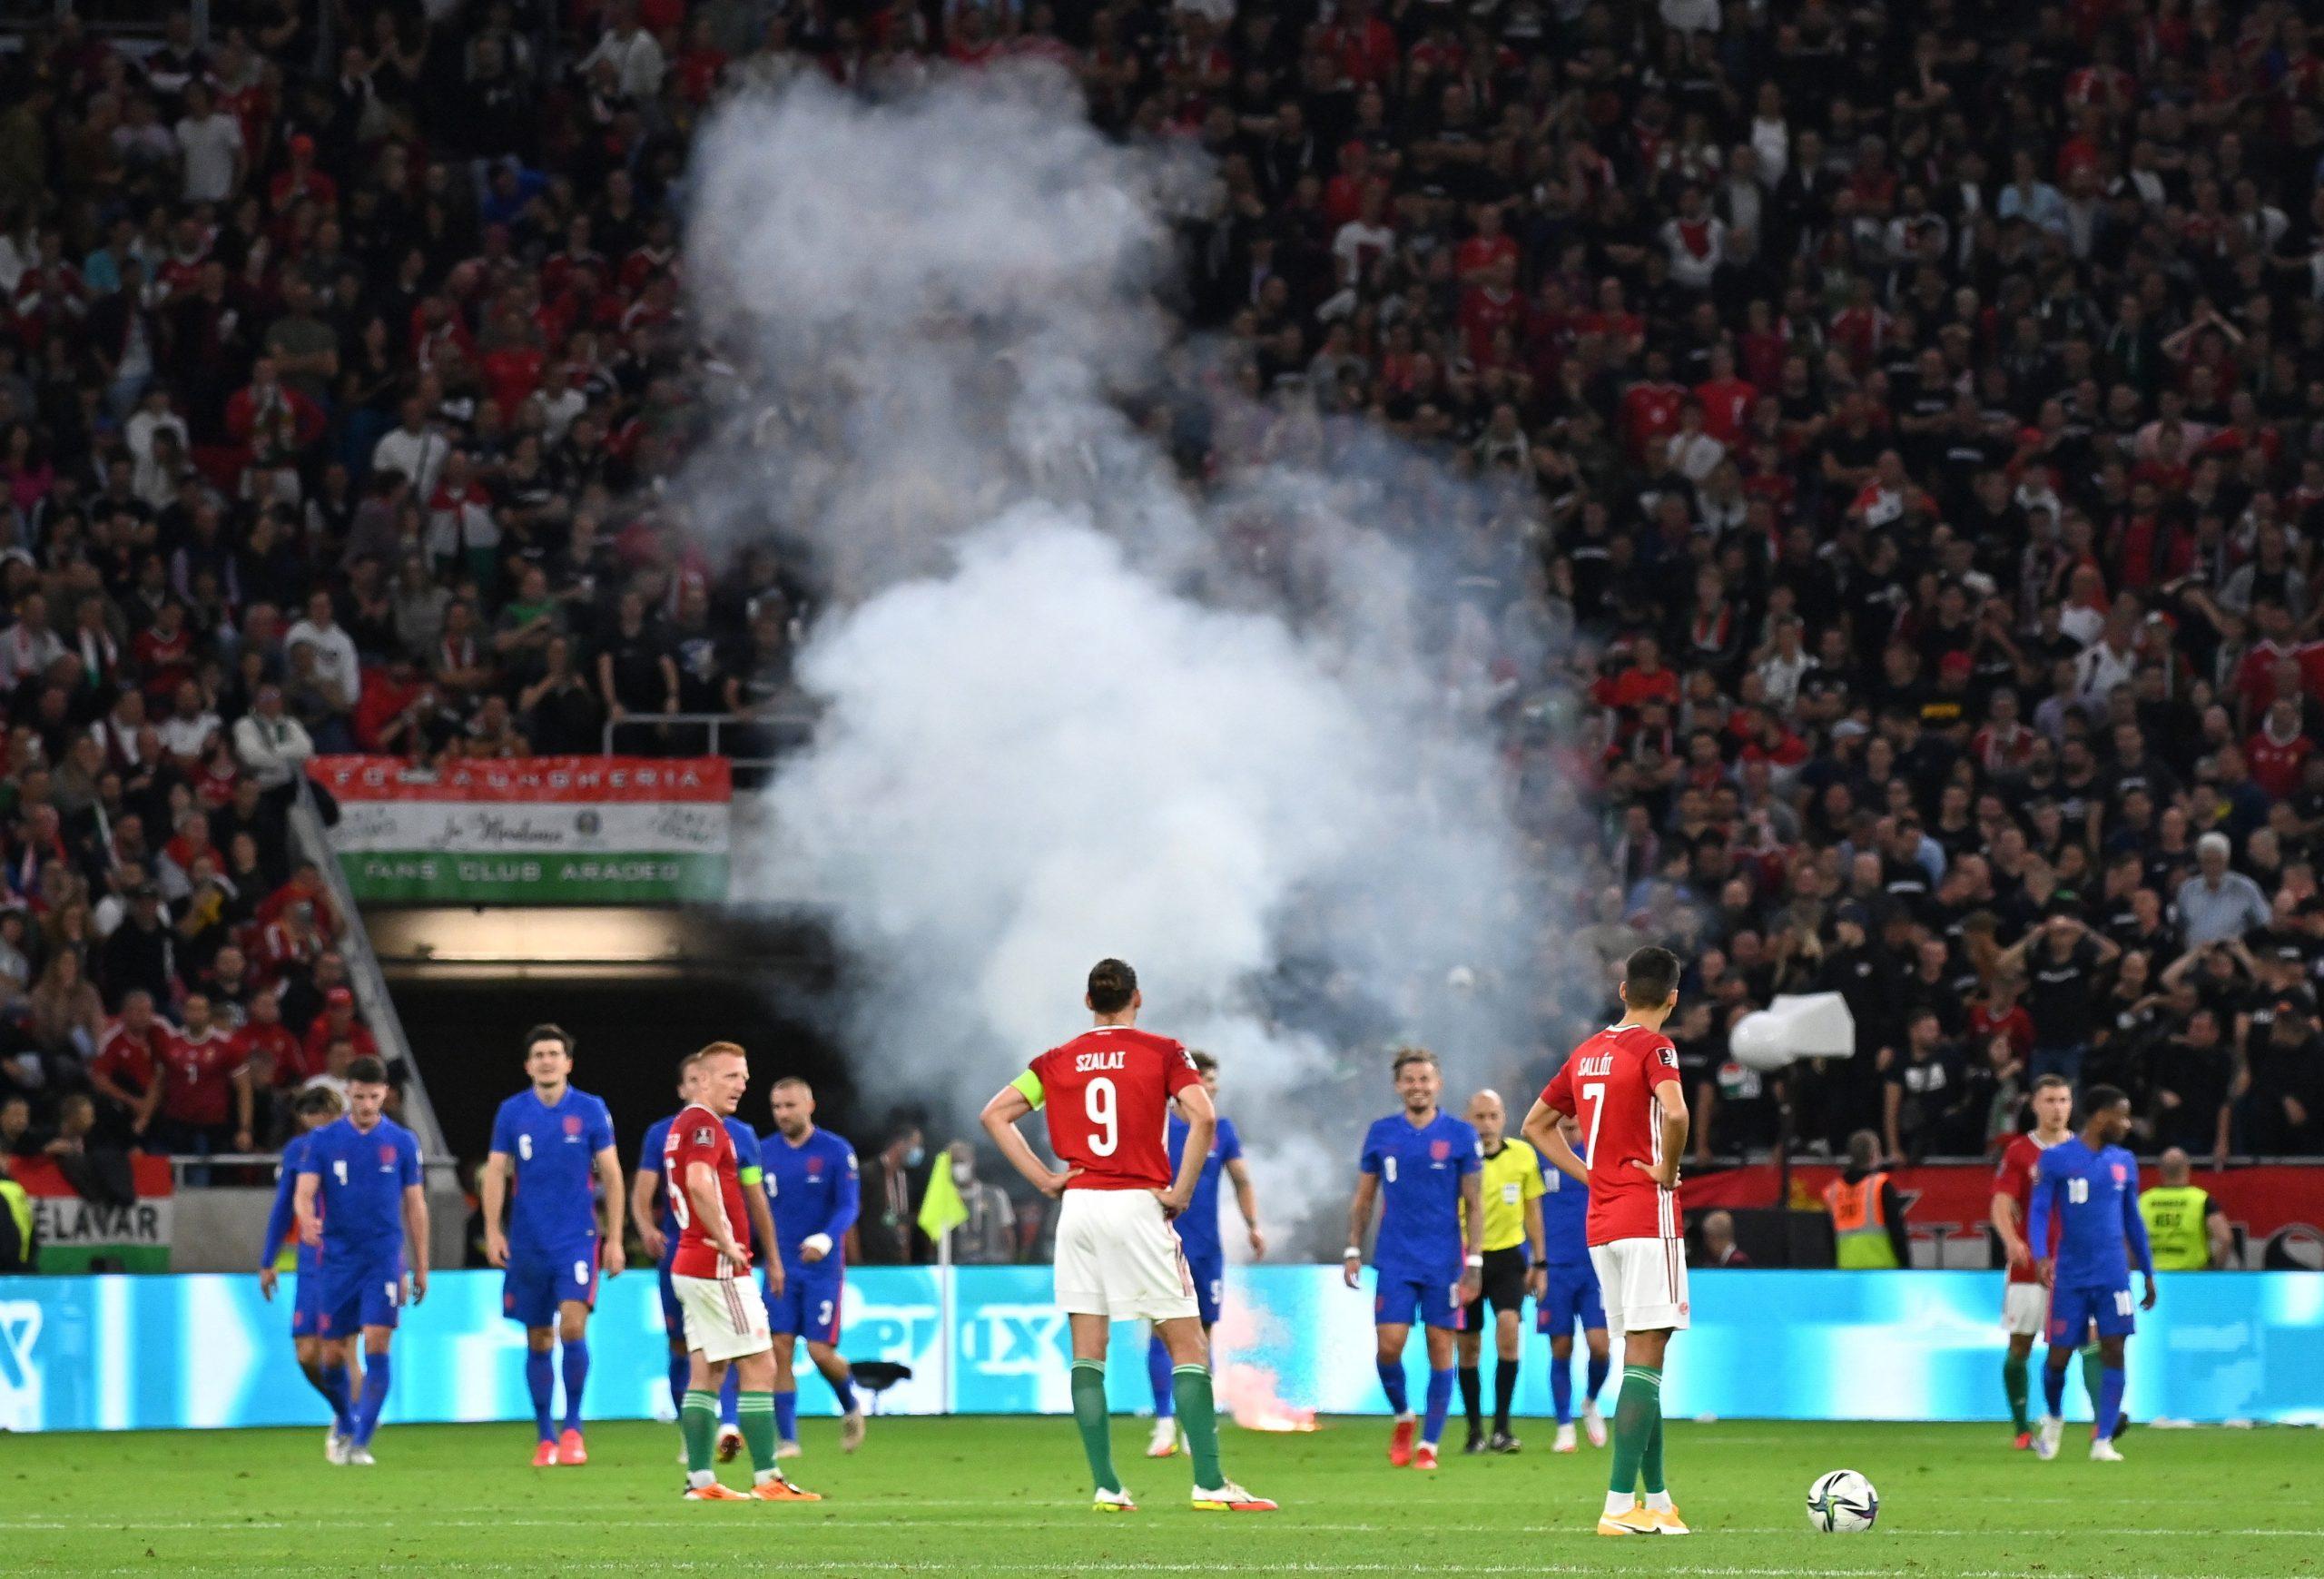 BUDAPOST: Empörung über offenbaren Rassismus während des Spiels Ungarn-England